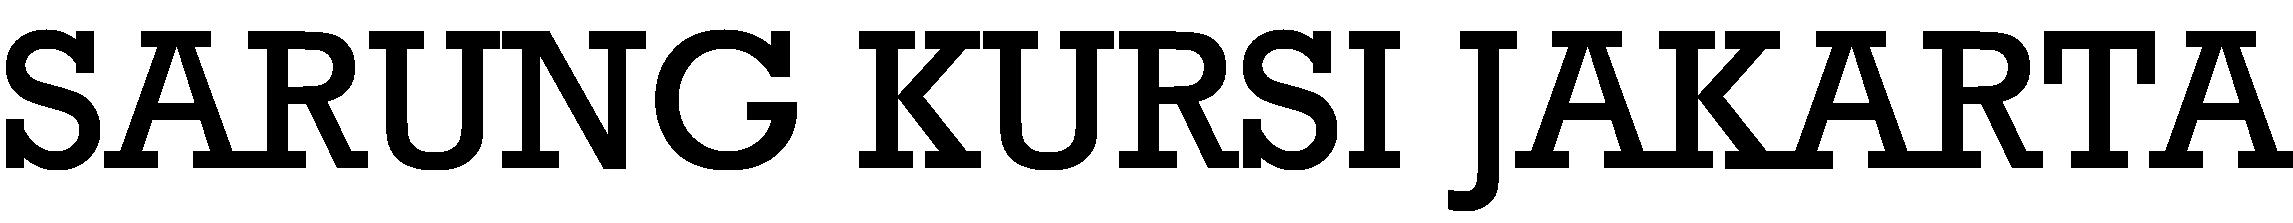 Sarung Kursi Jakarta